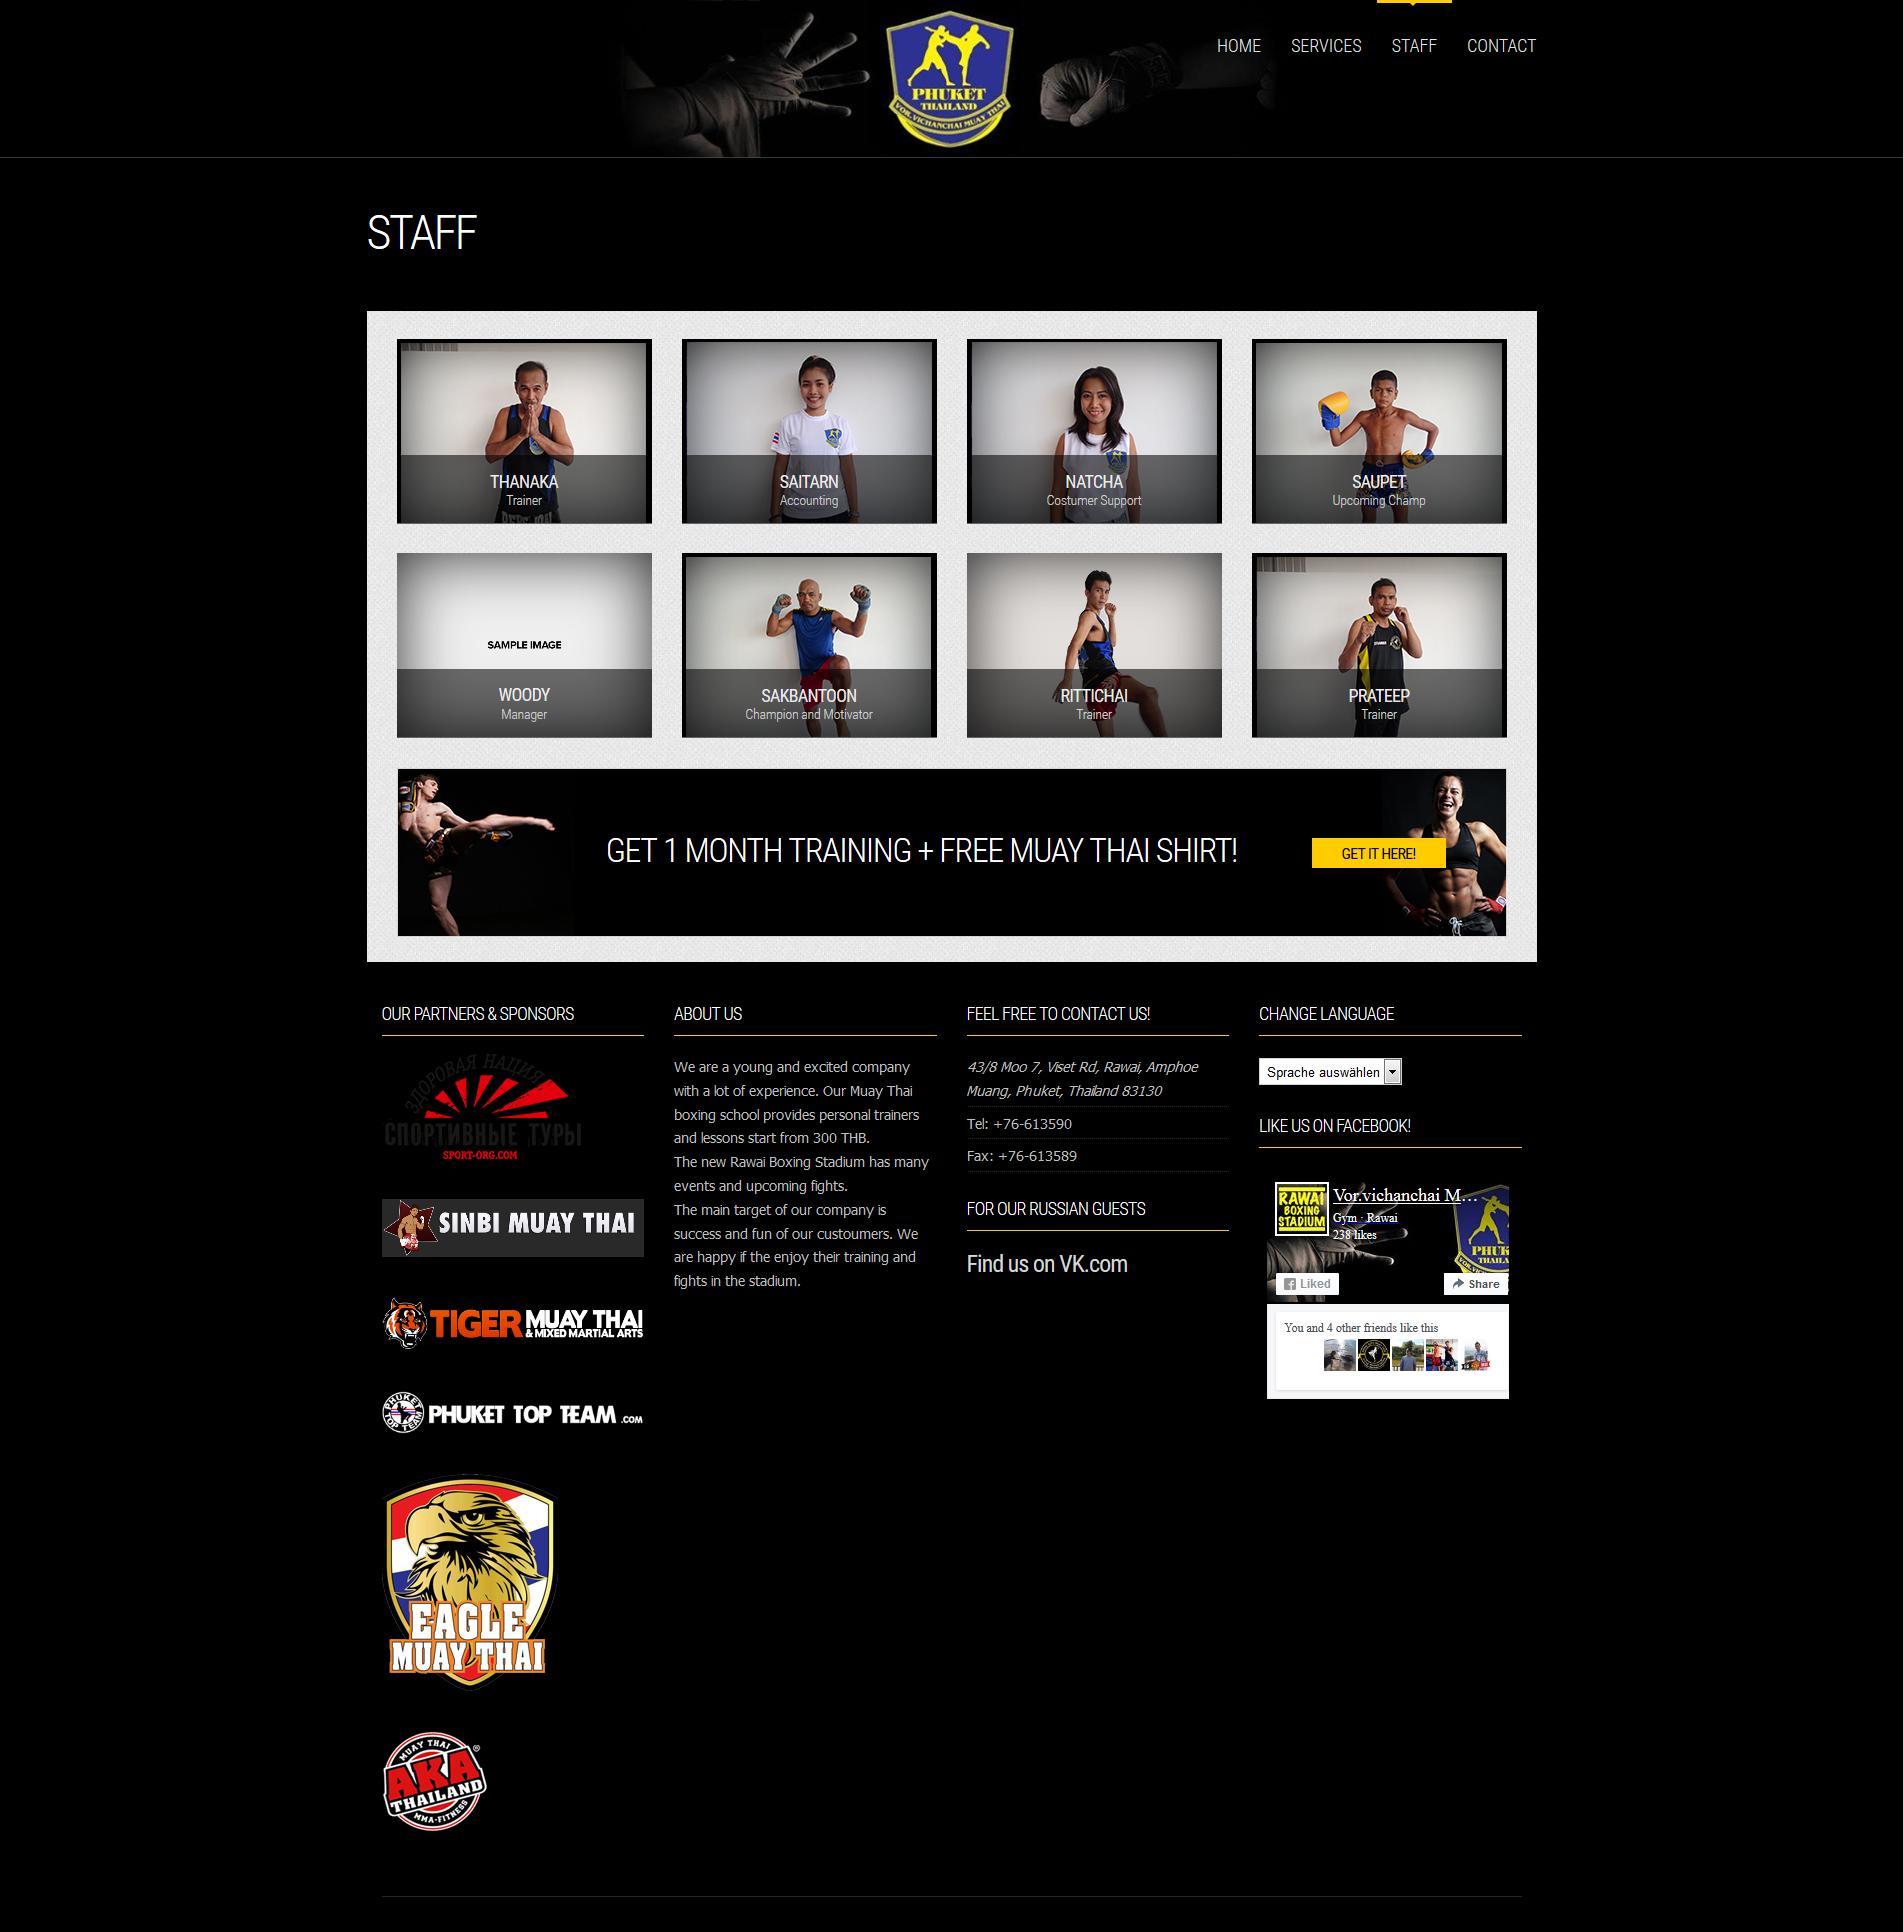 webdesign nürnberg wendelstein feucht schwabach webseite erstellenwebdesign nürnberg wendelstein feucht schwabach webseite erstellen